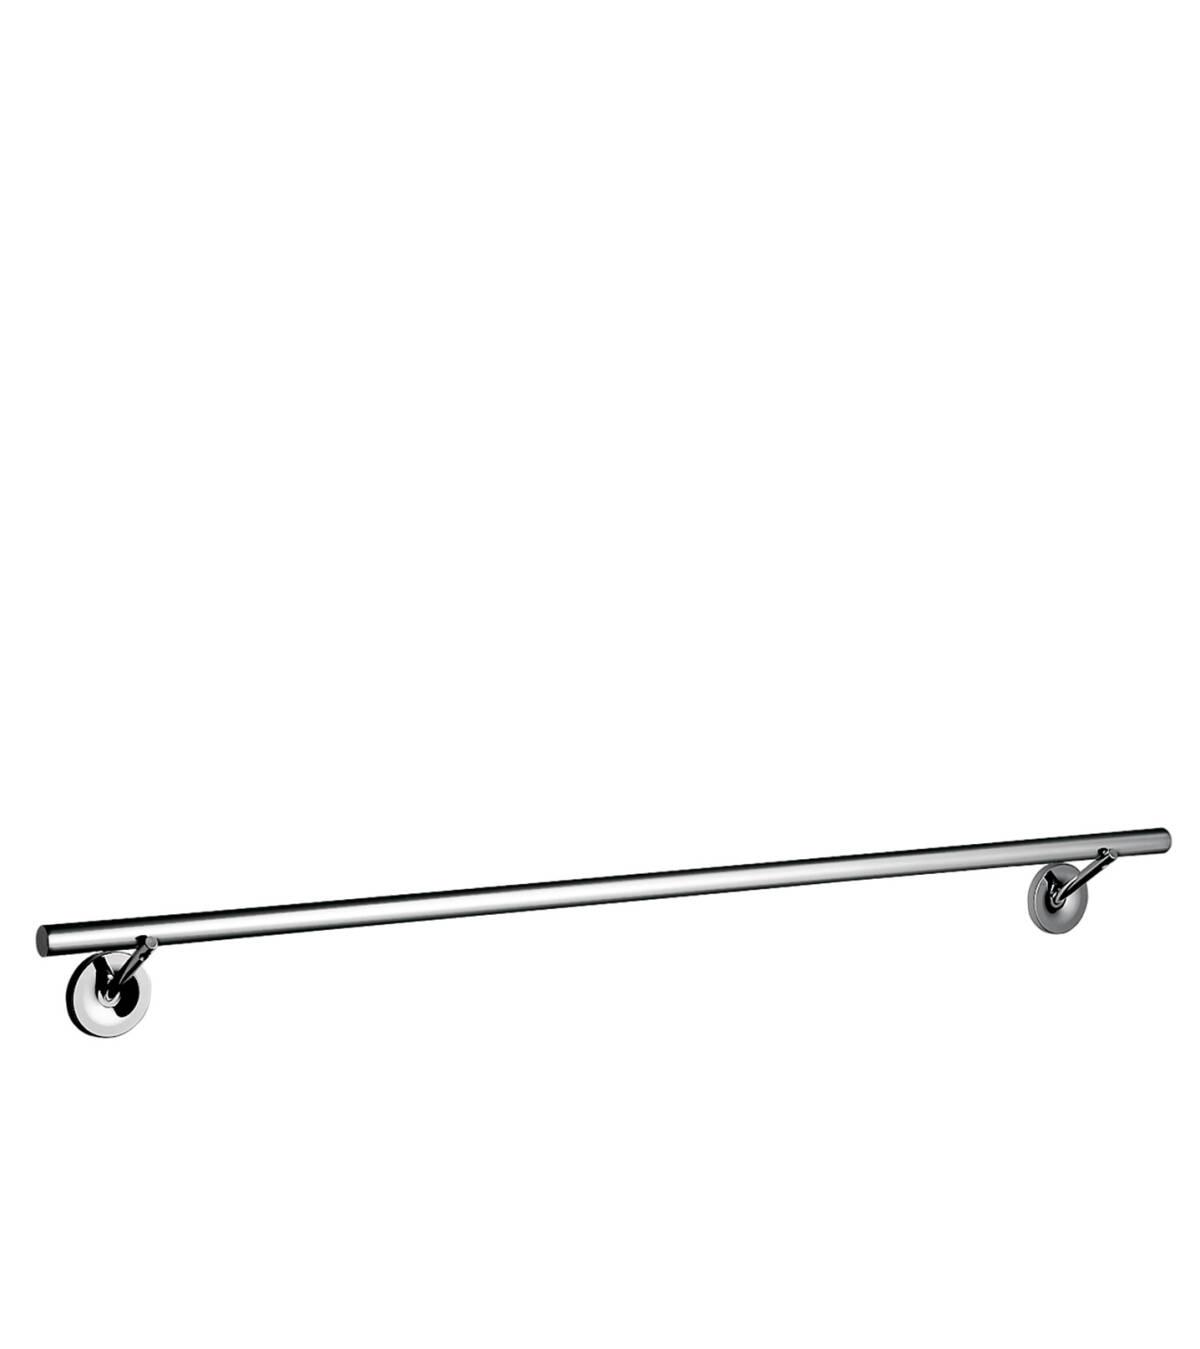 Bath towel holder 600 mm, Polished Chrome, 40806020